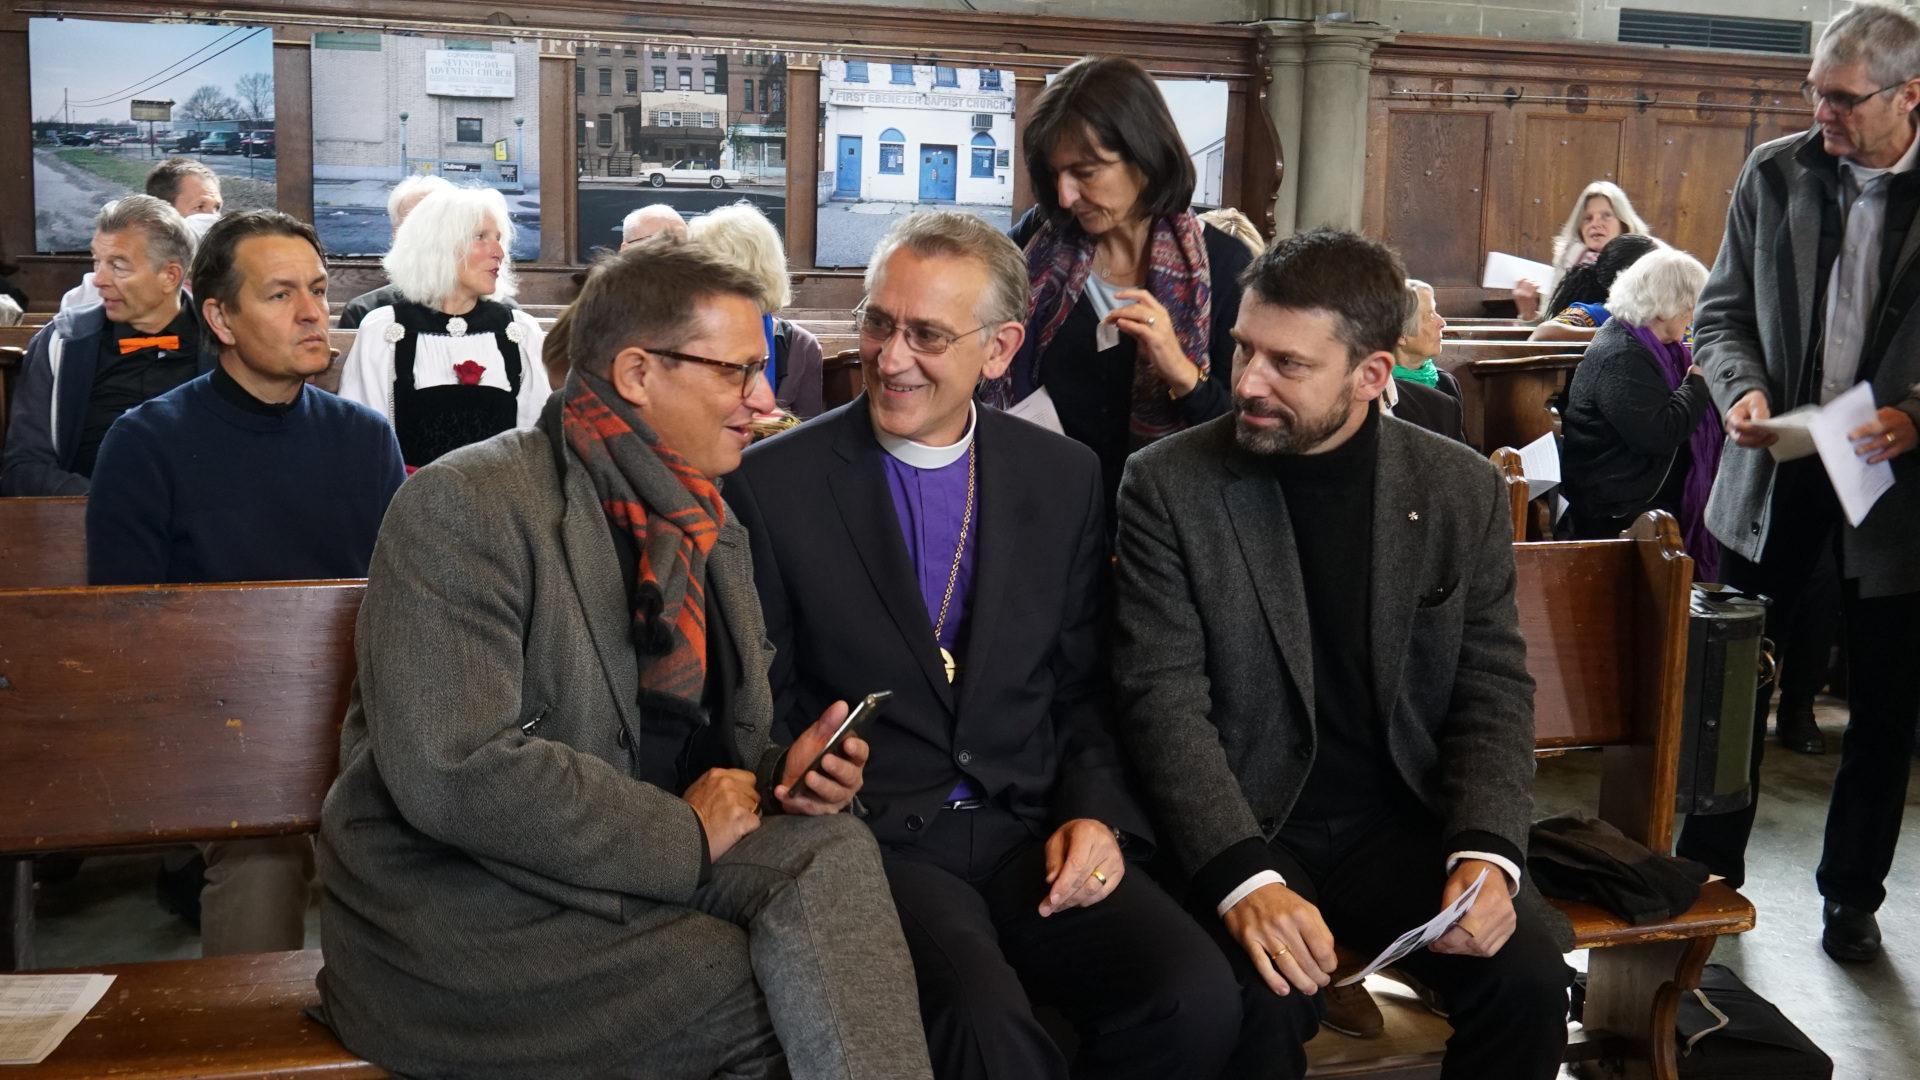 Ein Katholik, ein Christkatolik, ein Reformierter: Felix Gmür, Harald Rein, Gottfried Locher vor dem ökumenischen Festgottesdienst | © Vera Rüttimann